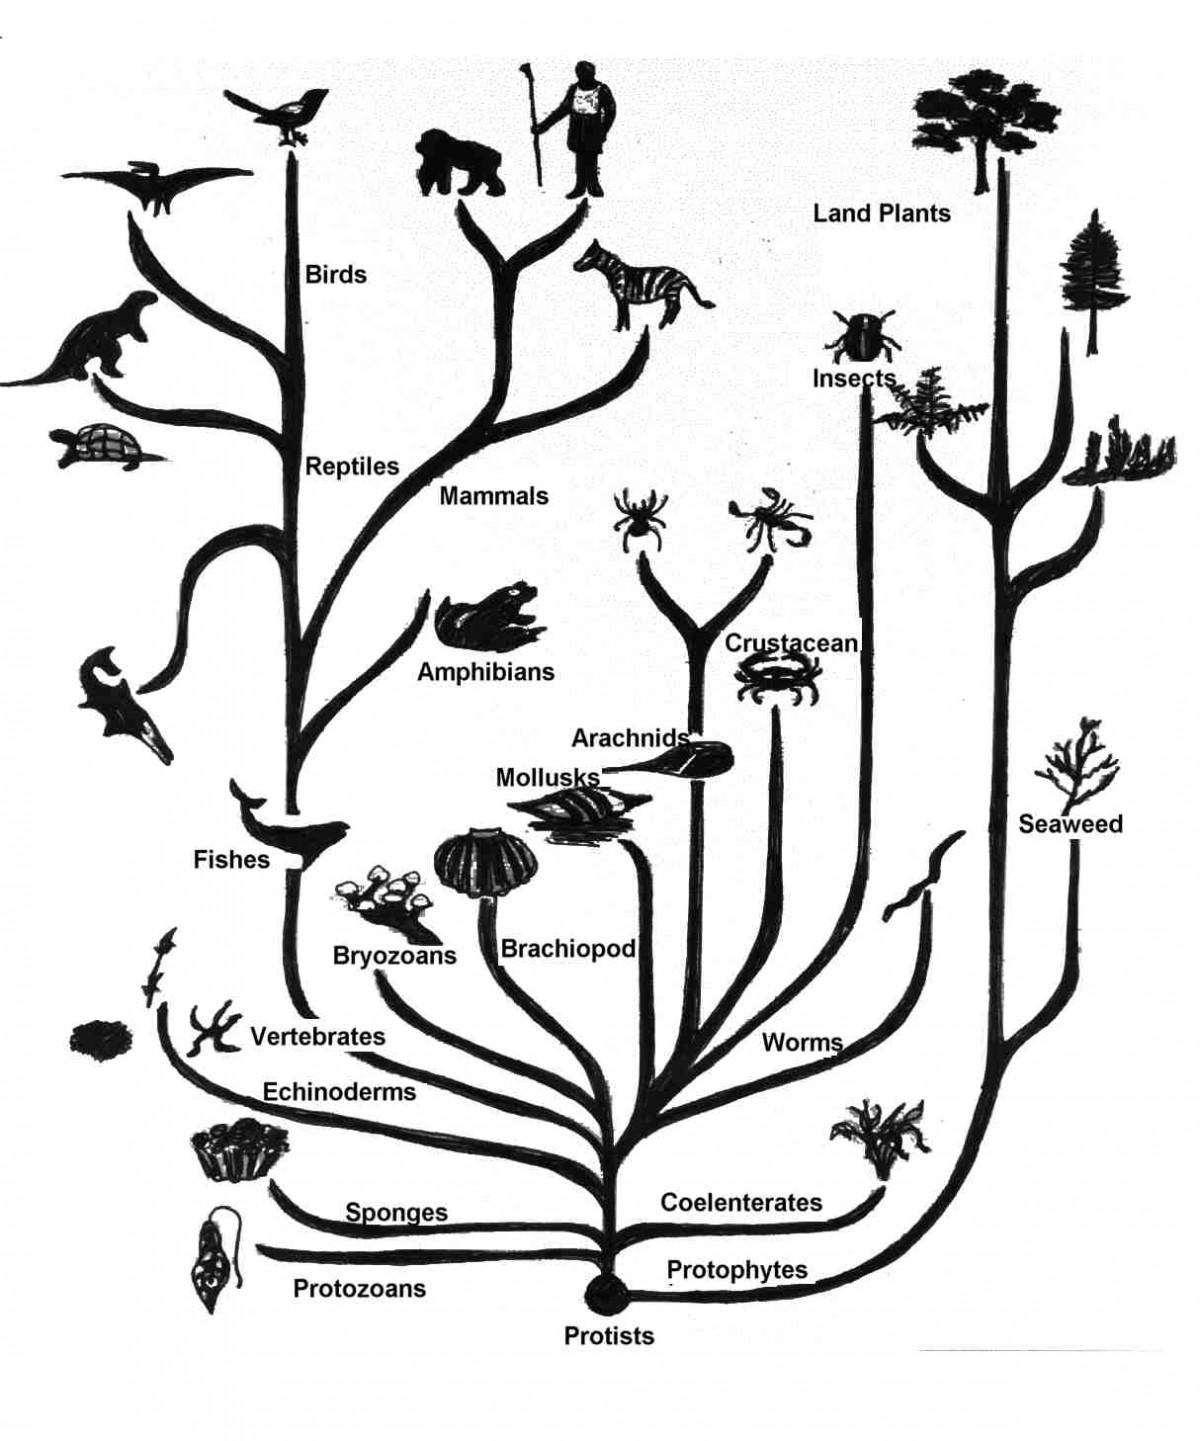 Varyasyon (çeşitlilik), adaptasyon, evrim ve